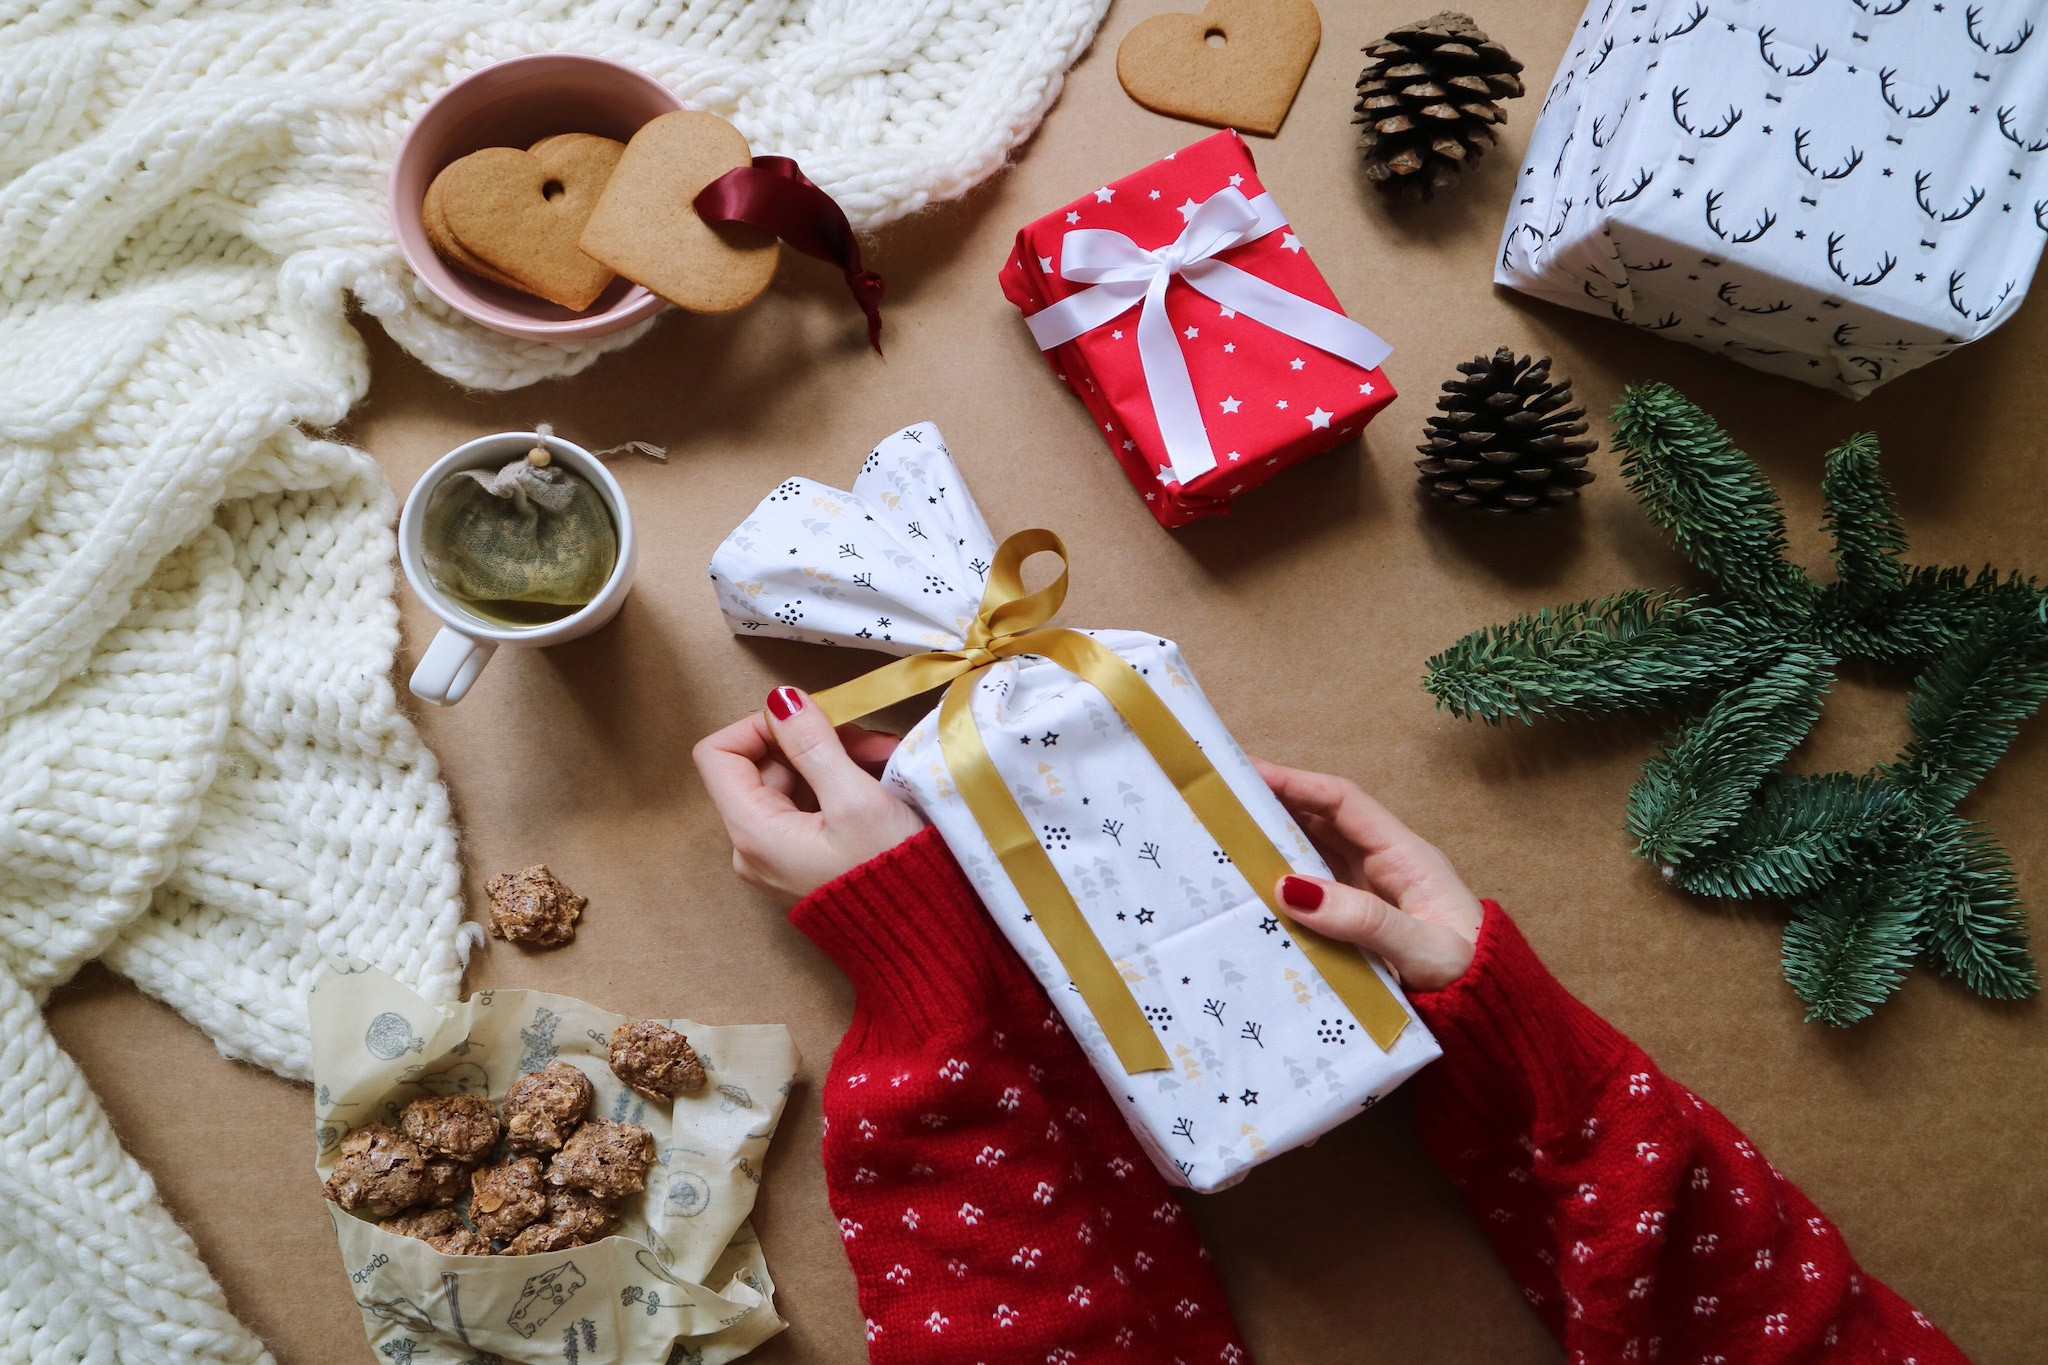 Noël zéro déchet: 125 000 tonnes d'emballages en plastique sont jetées.